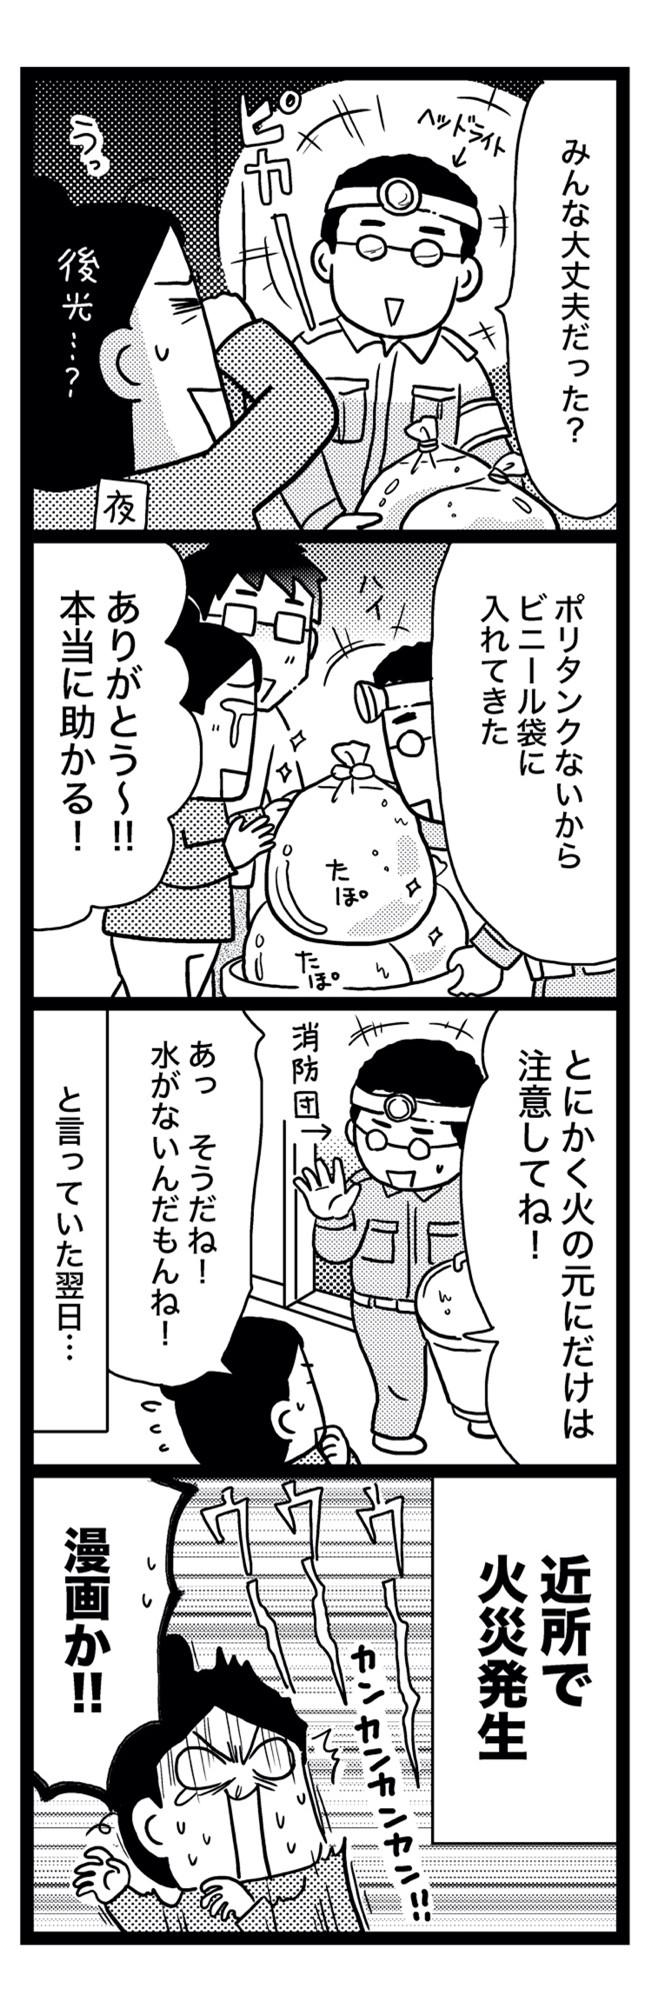 sinsai3-6